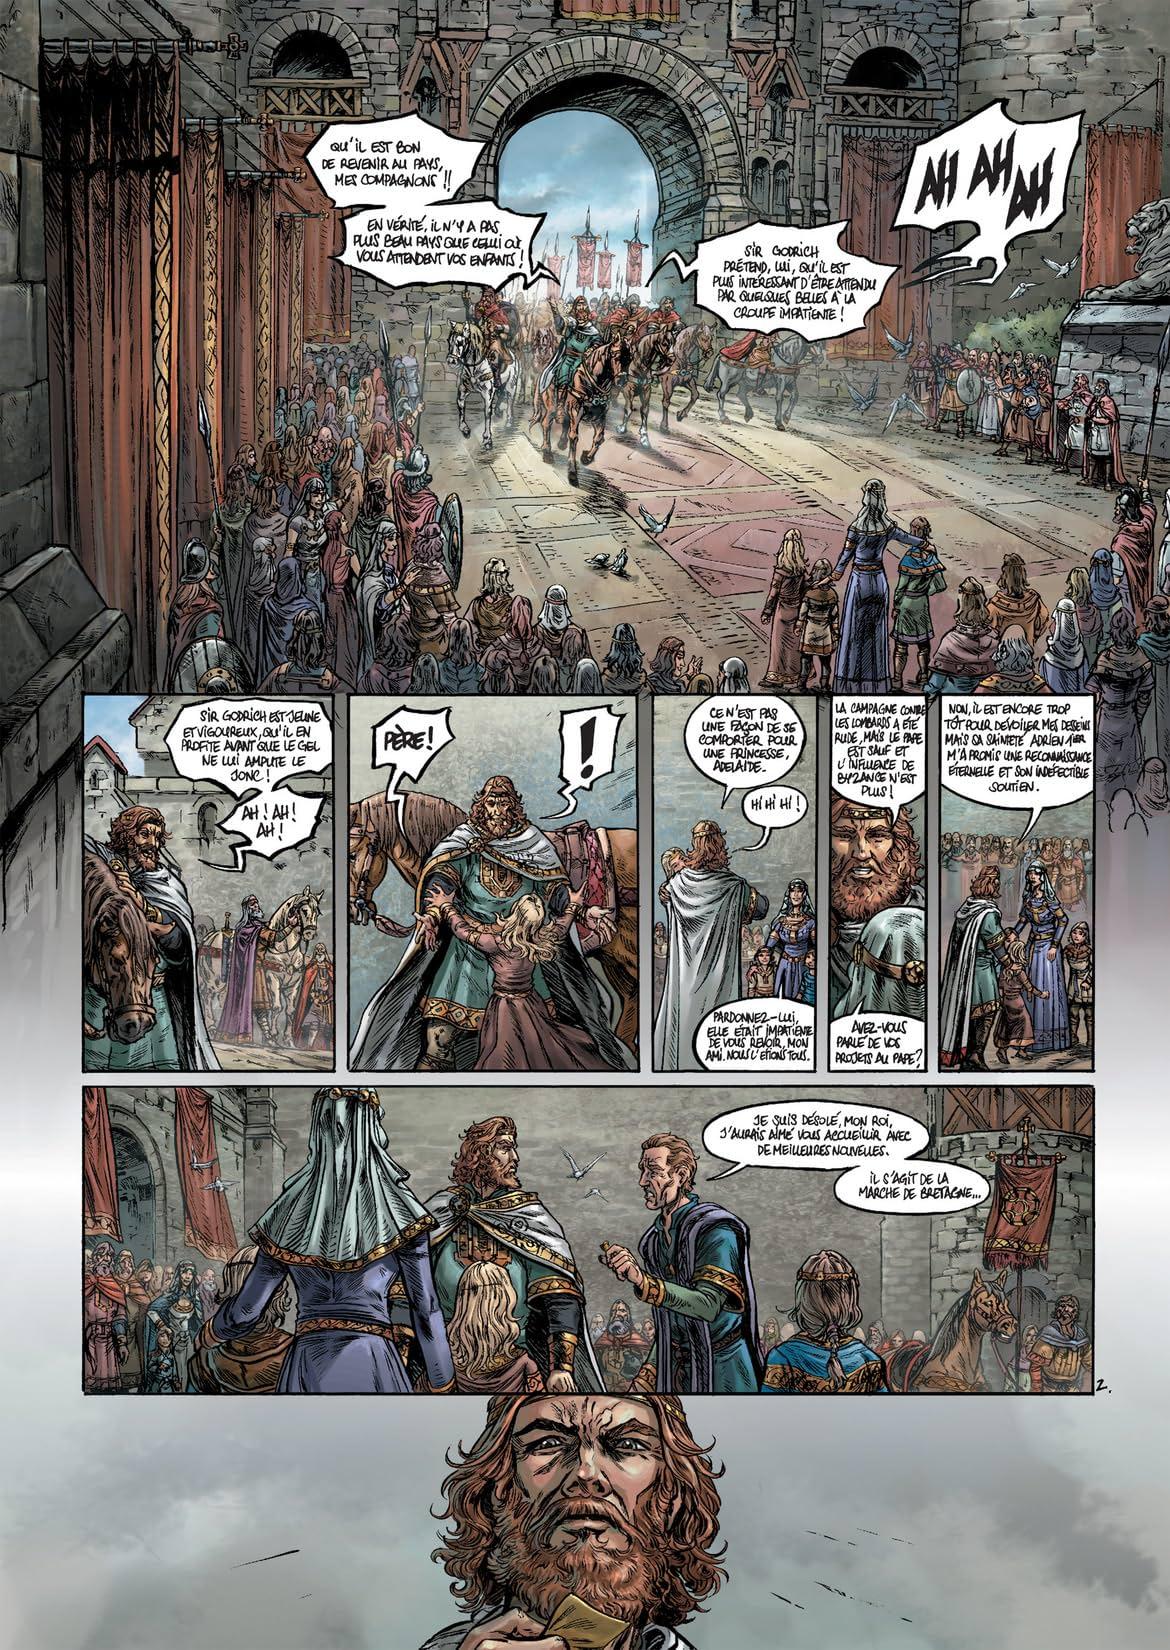 Durandal Vol. 4: La marche de Bretagne partie IV